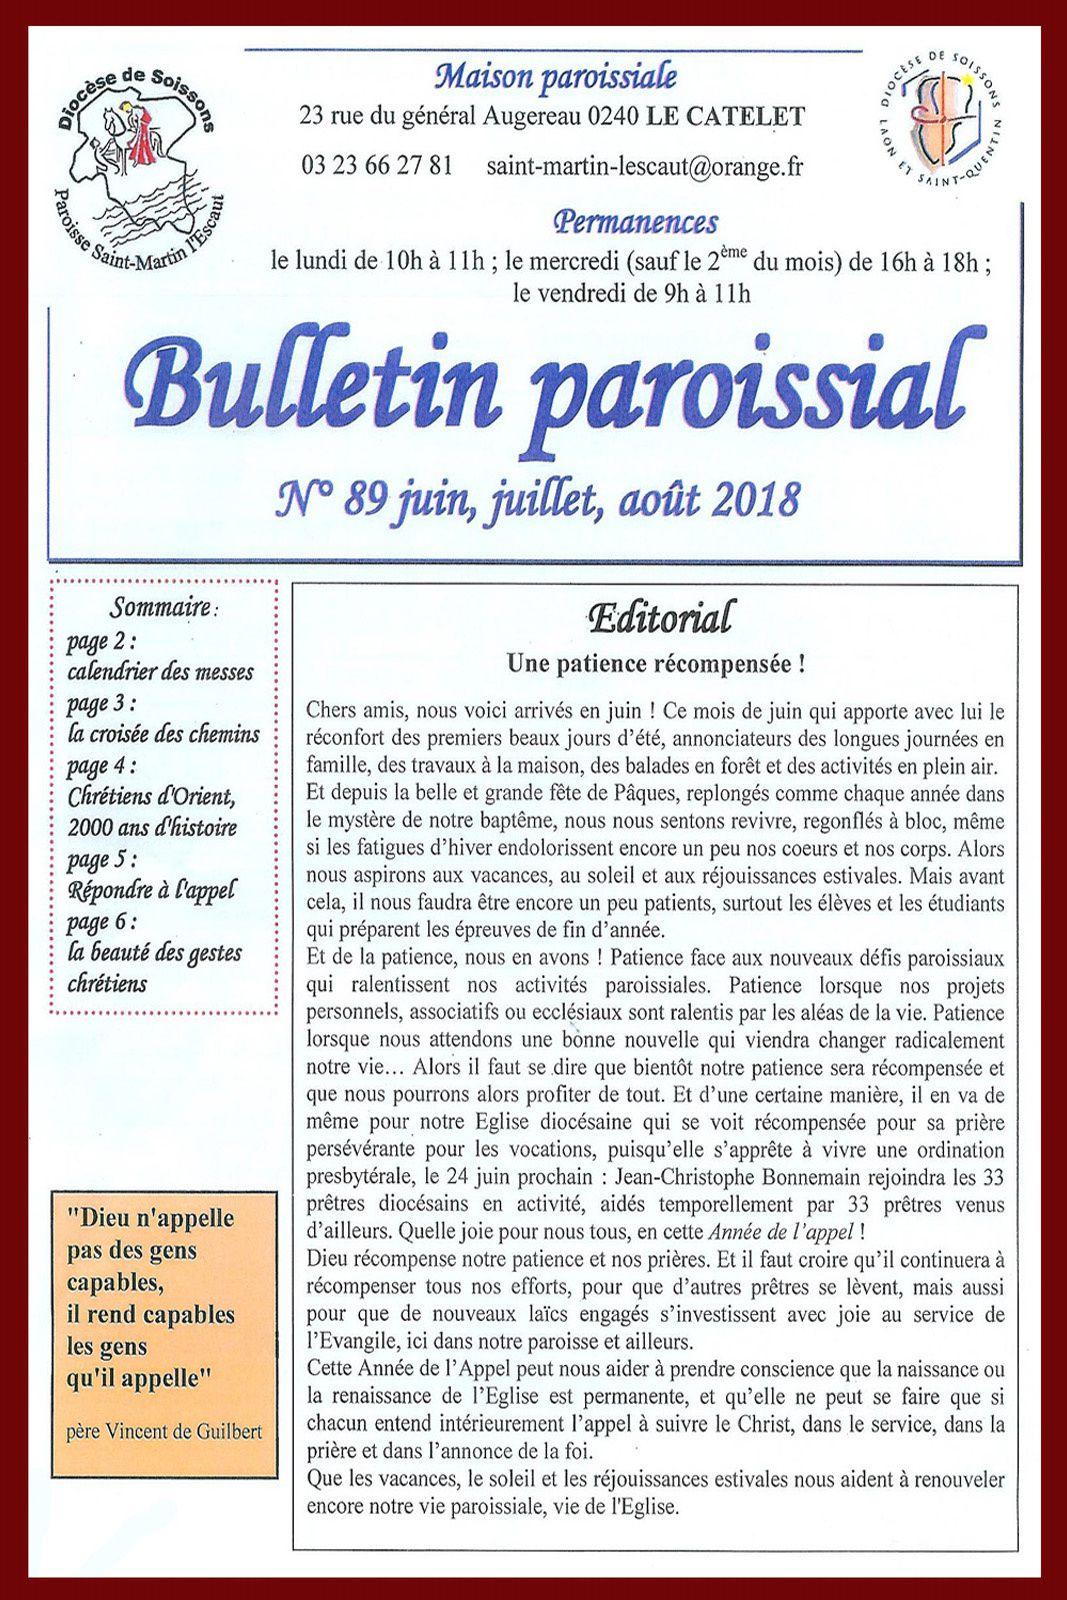 Bulletin paroissial N° 89 Juin, Juillet, Août 2018.